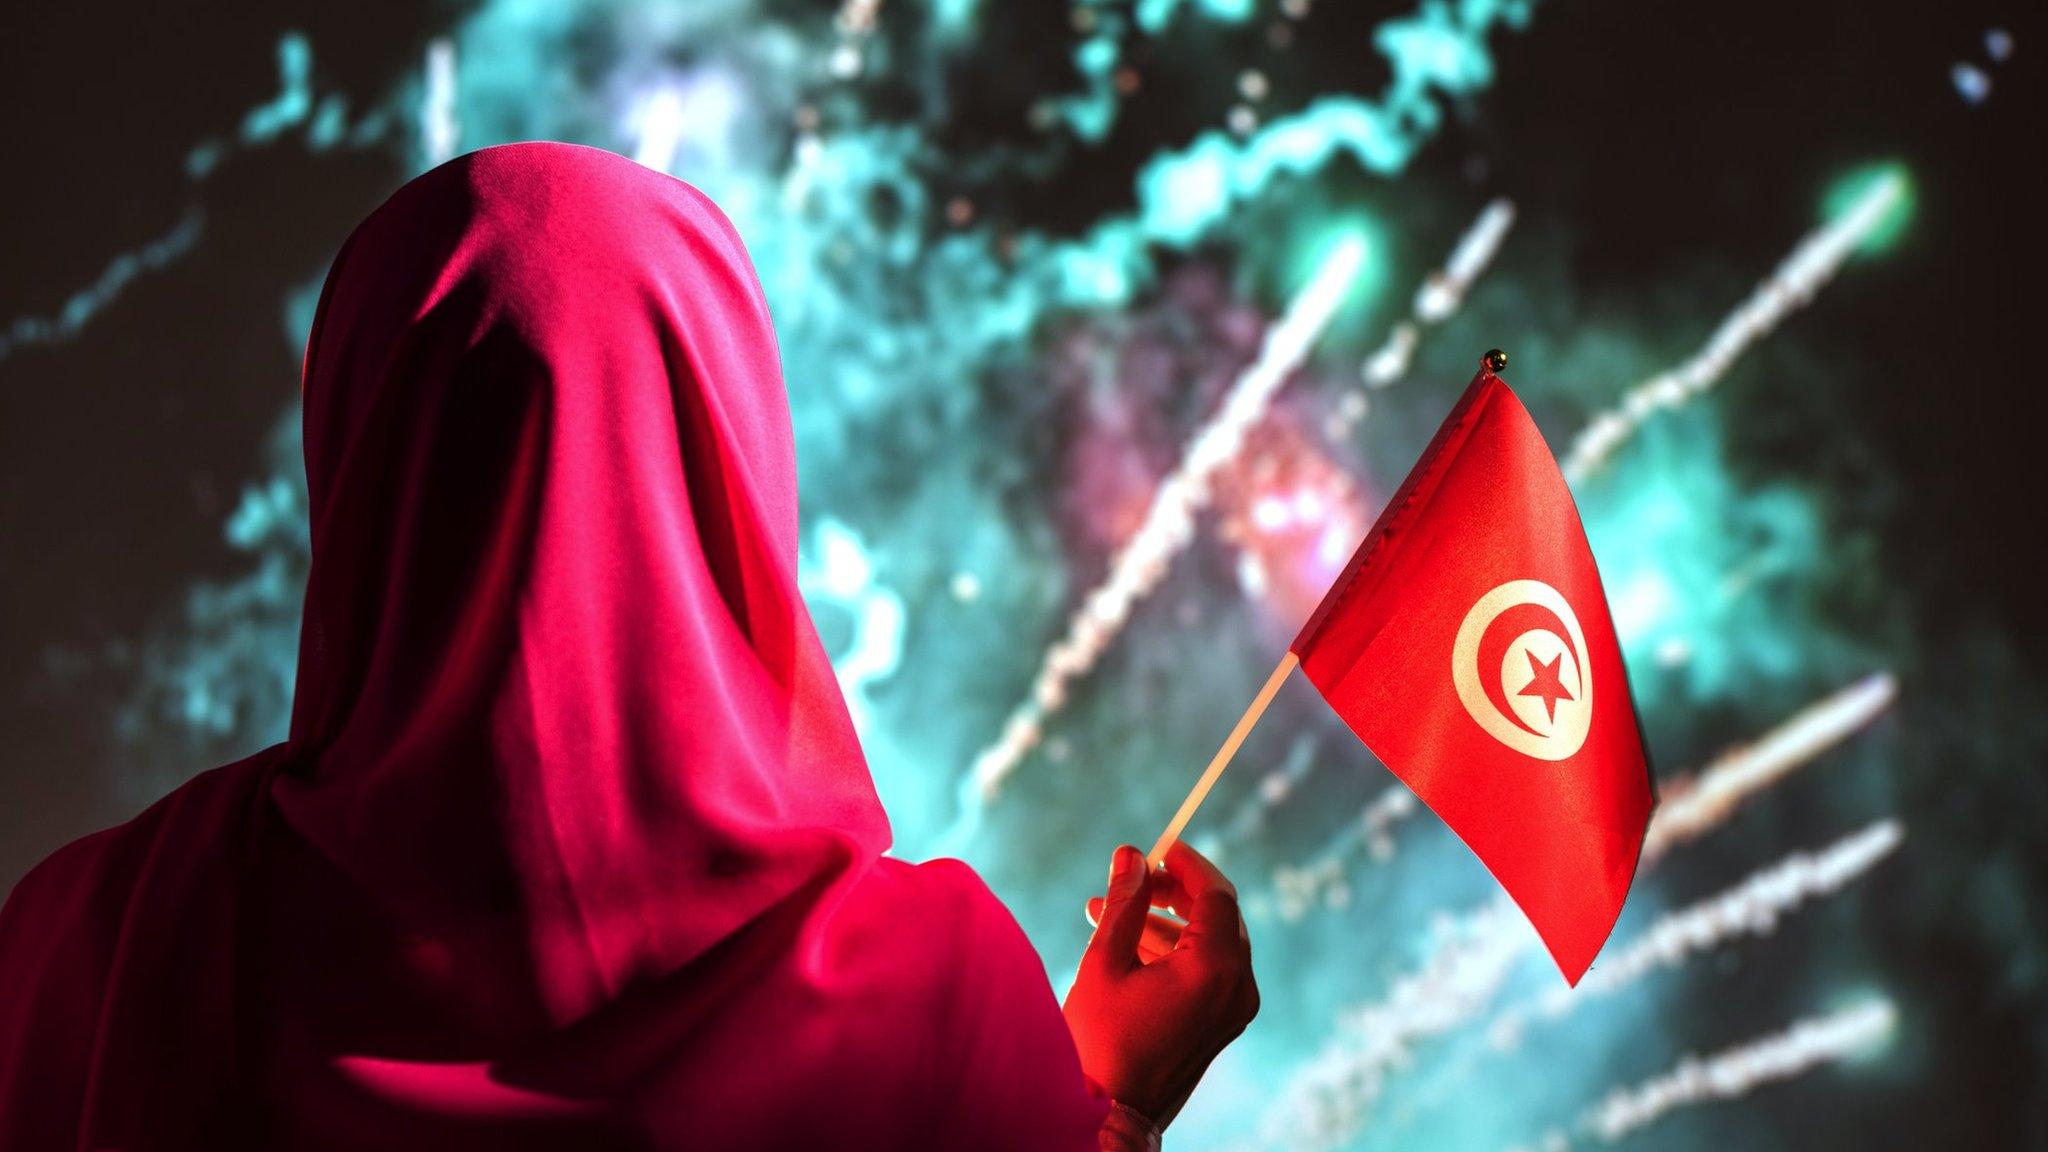 أثارت تصريحات العفاس جدلا واسعا في الأوساط الحقوقية والسياسية في تونس